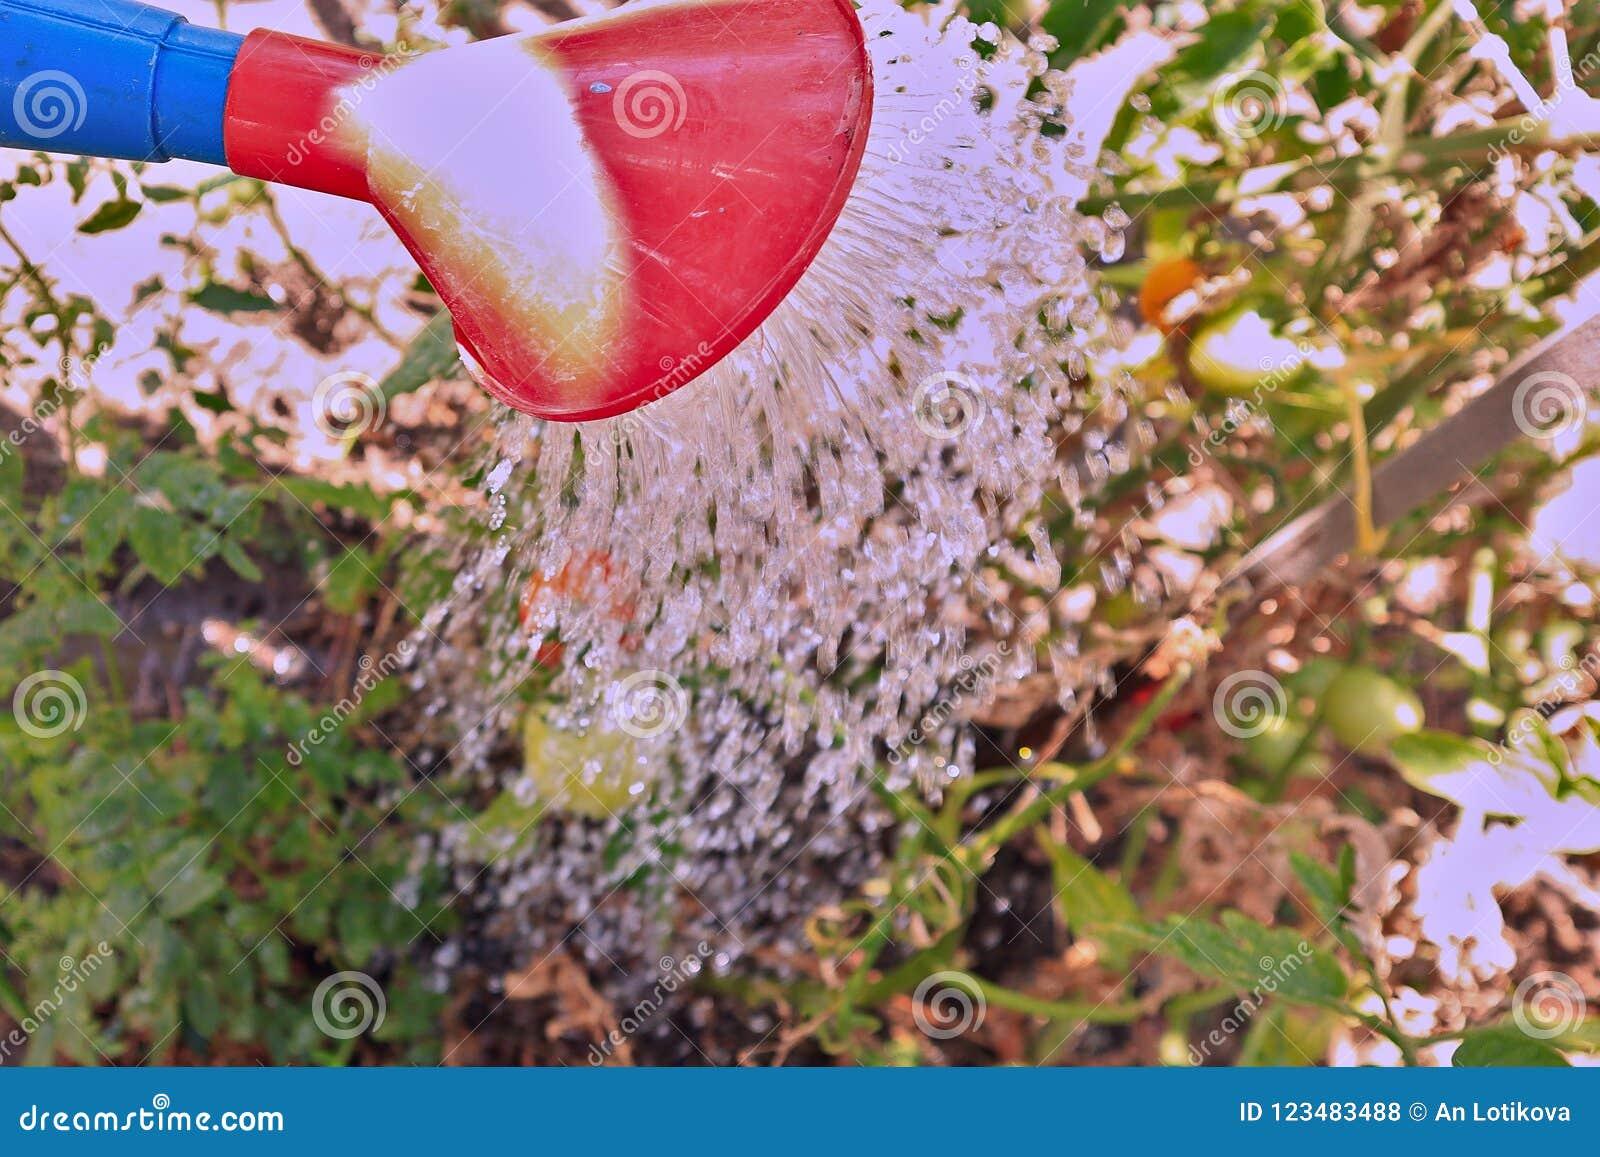 Molhar da colheita, água derrama da lata molhando nos arbustos com tomates